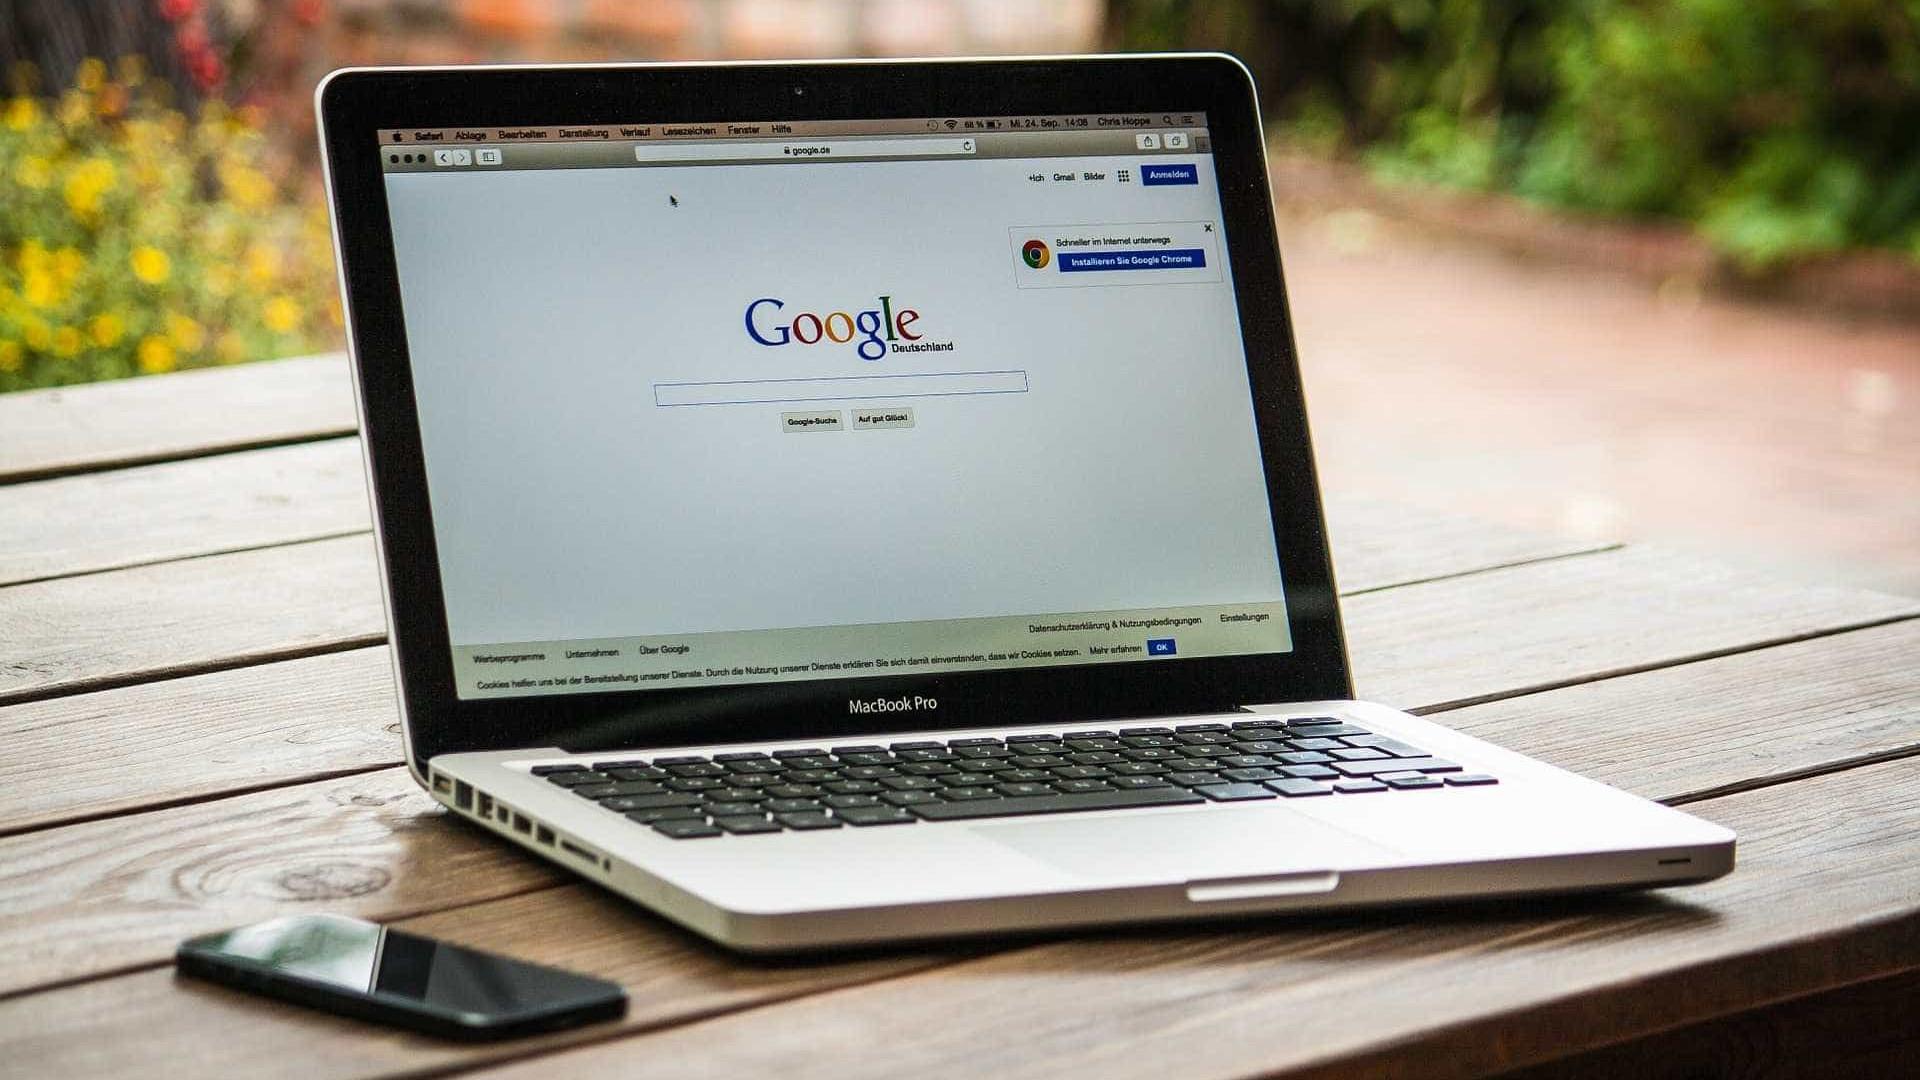 Descubra os termos mais pesquisados sobre os presidenciáveis no Google